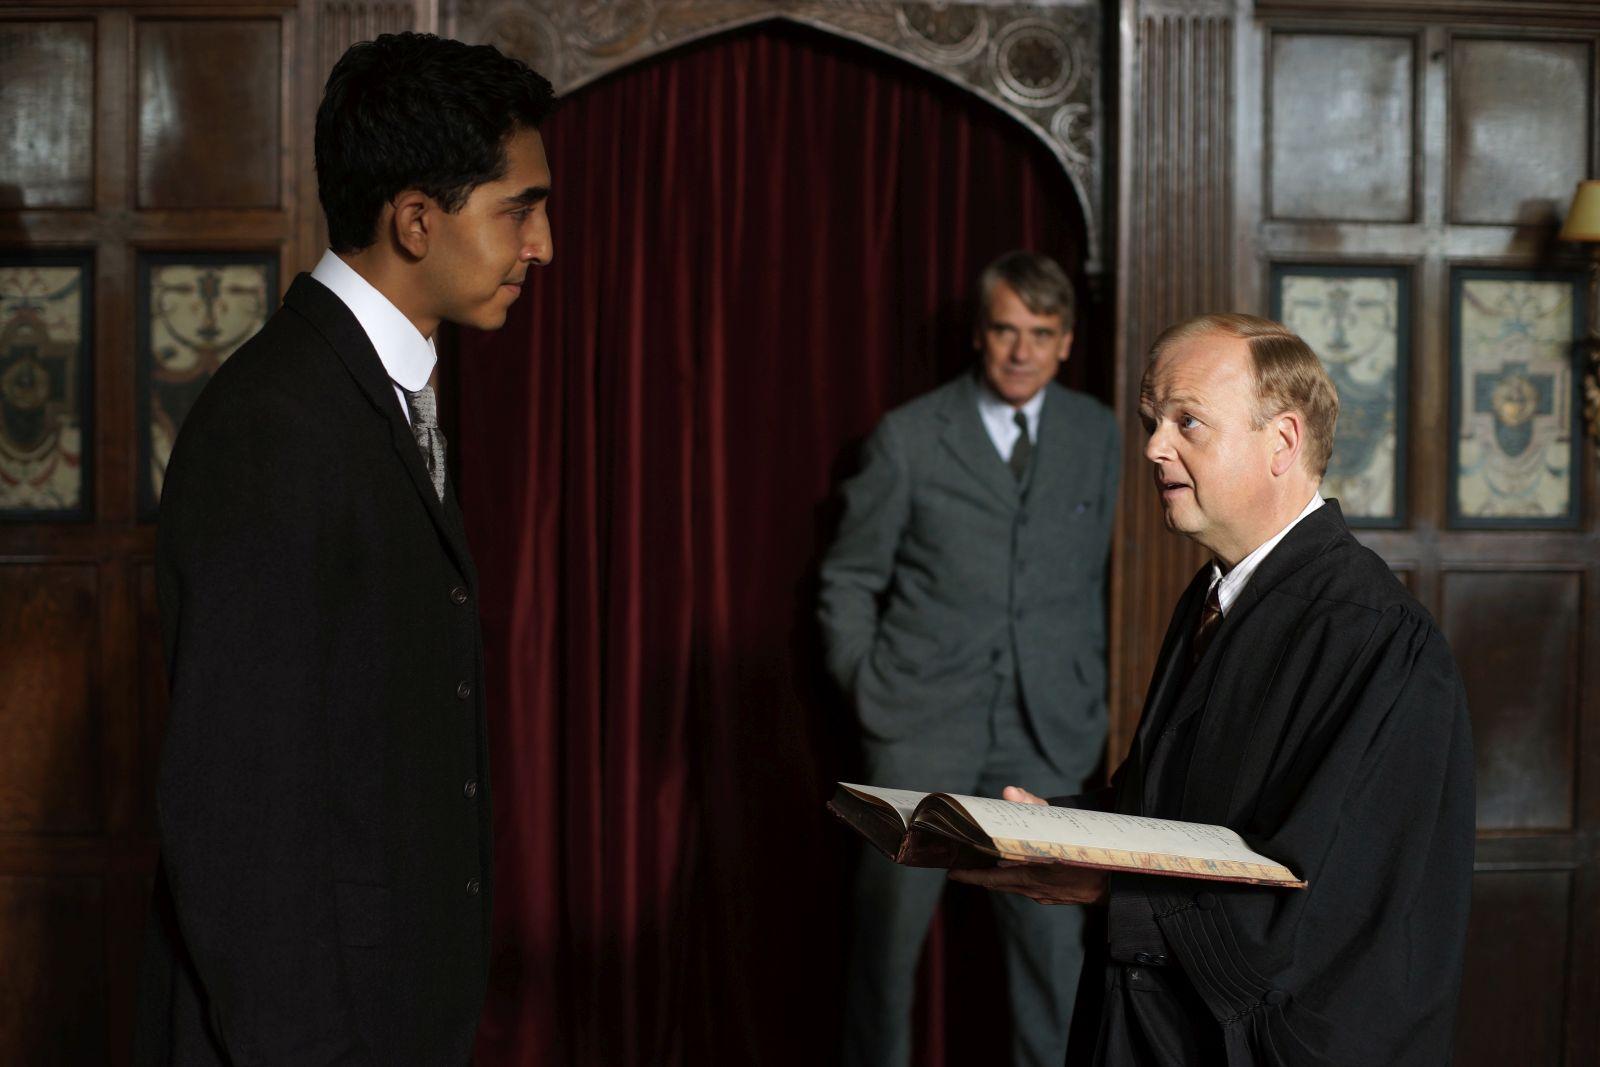 L'uomo che vide l'infinito: Dev Patel, Toby Jones e Jeremy Irons in una scena del film